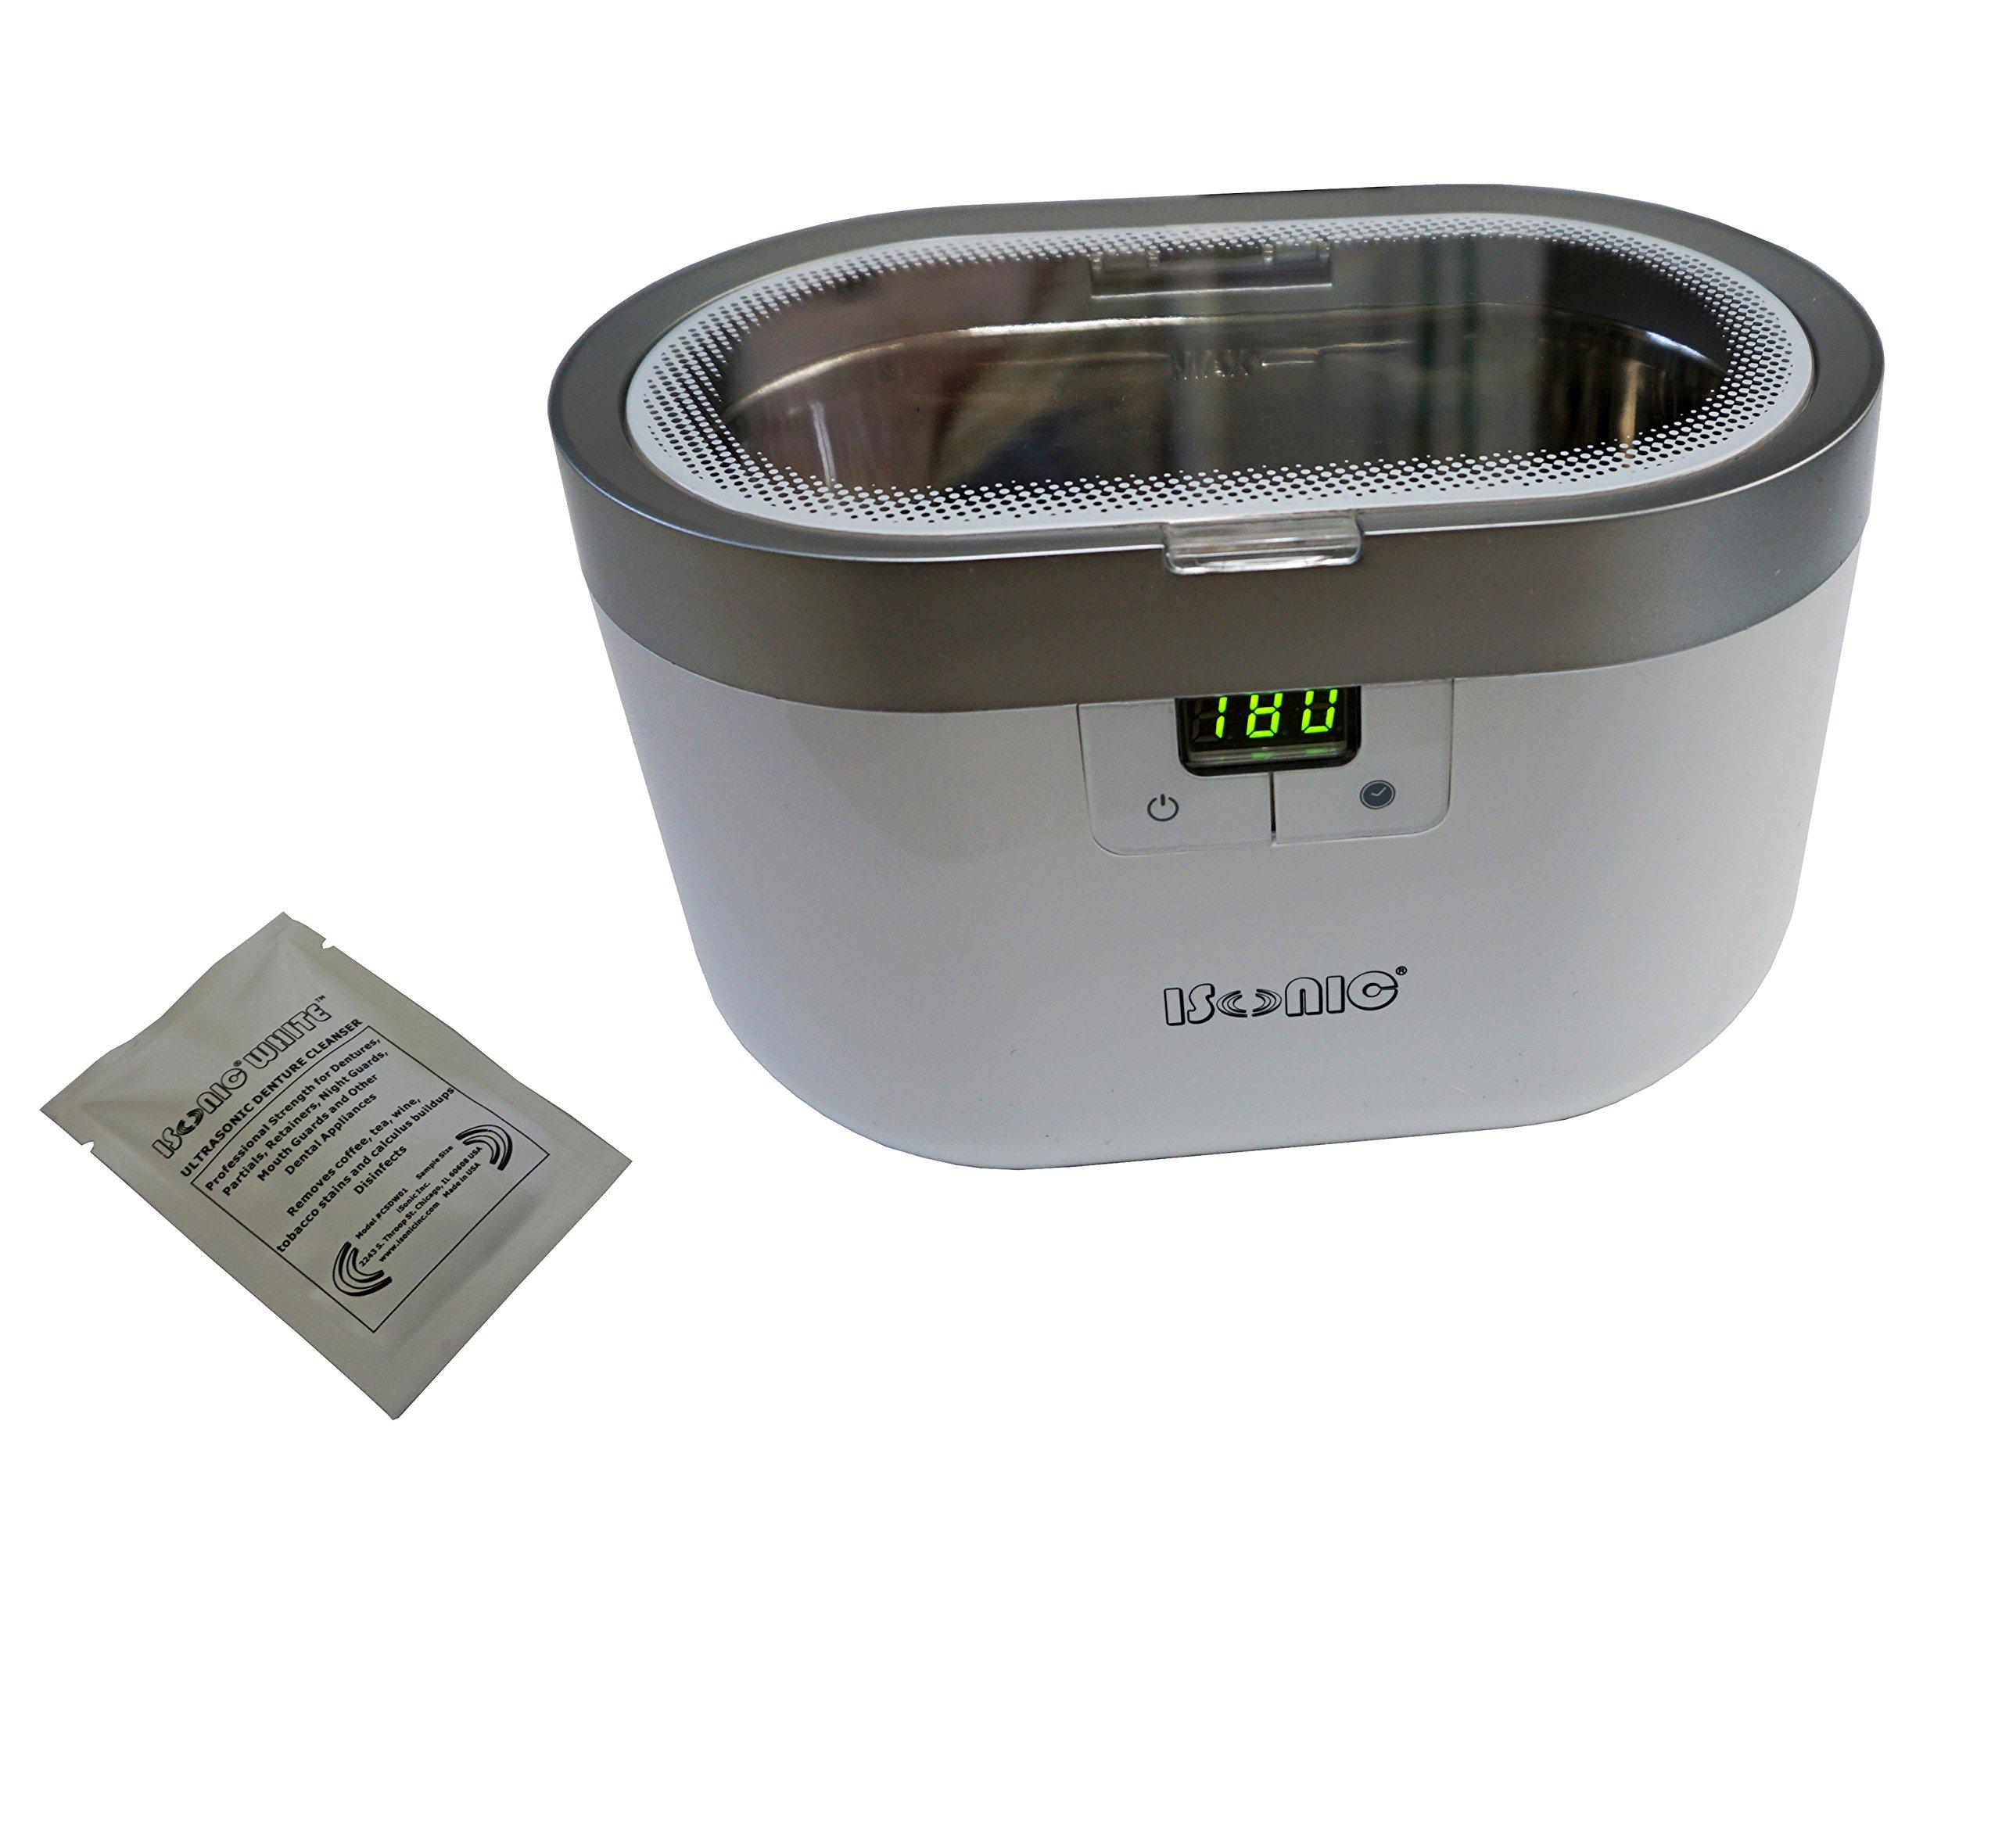 iSonic D2830 Ultrasonic Denture/Dental Appliance Cleaner, 1.3 Point/0.6 L, Plastic Basket, 110V, White